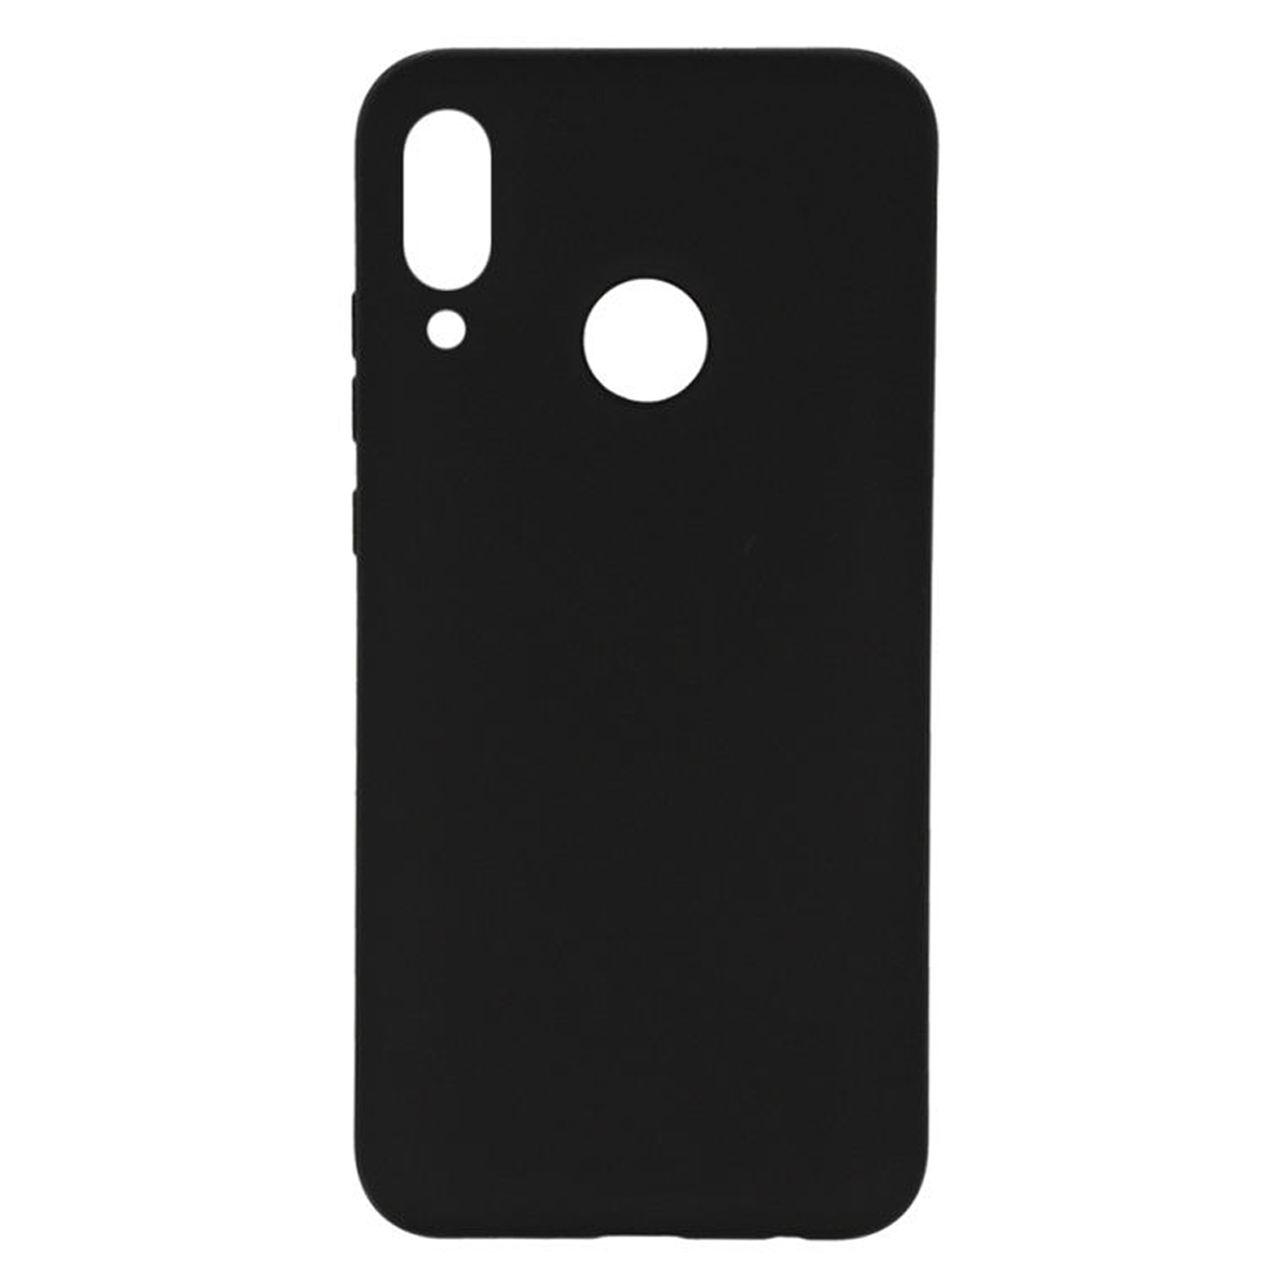 کاور مدل CJ-01 مناسب برای گوشی موبایل سامسونگ Galaxy A20